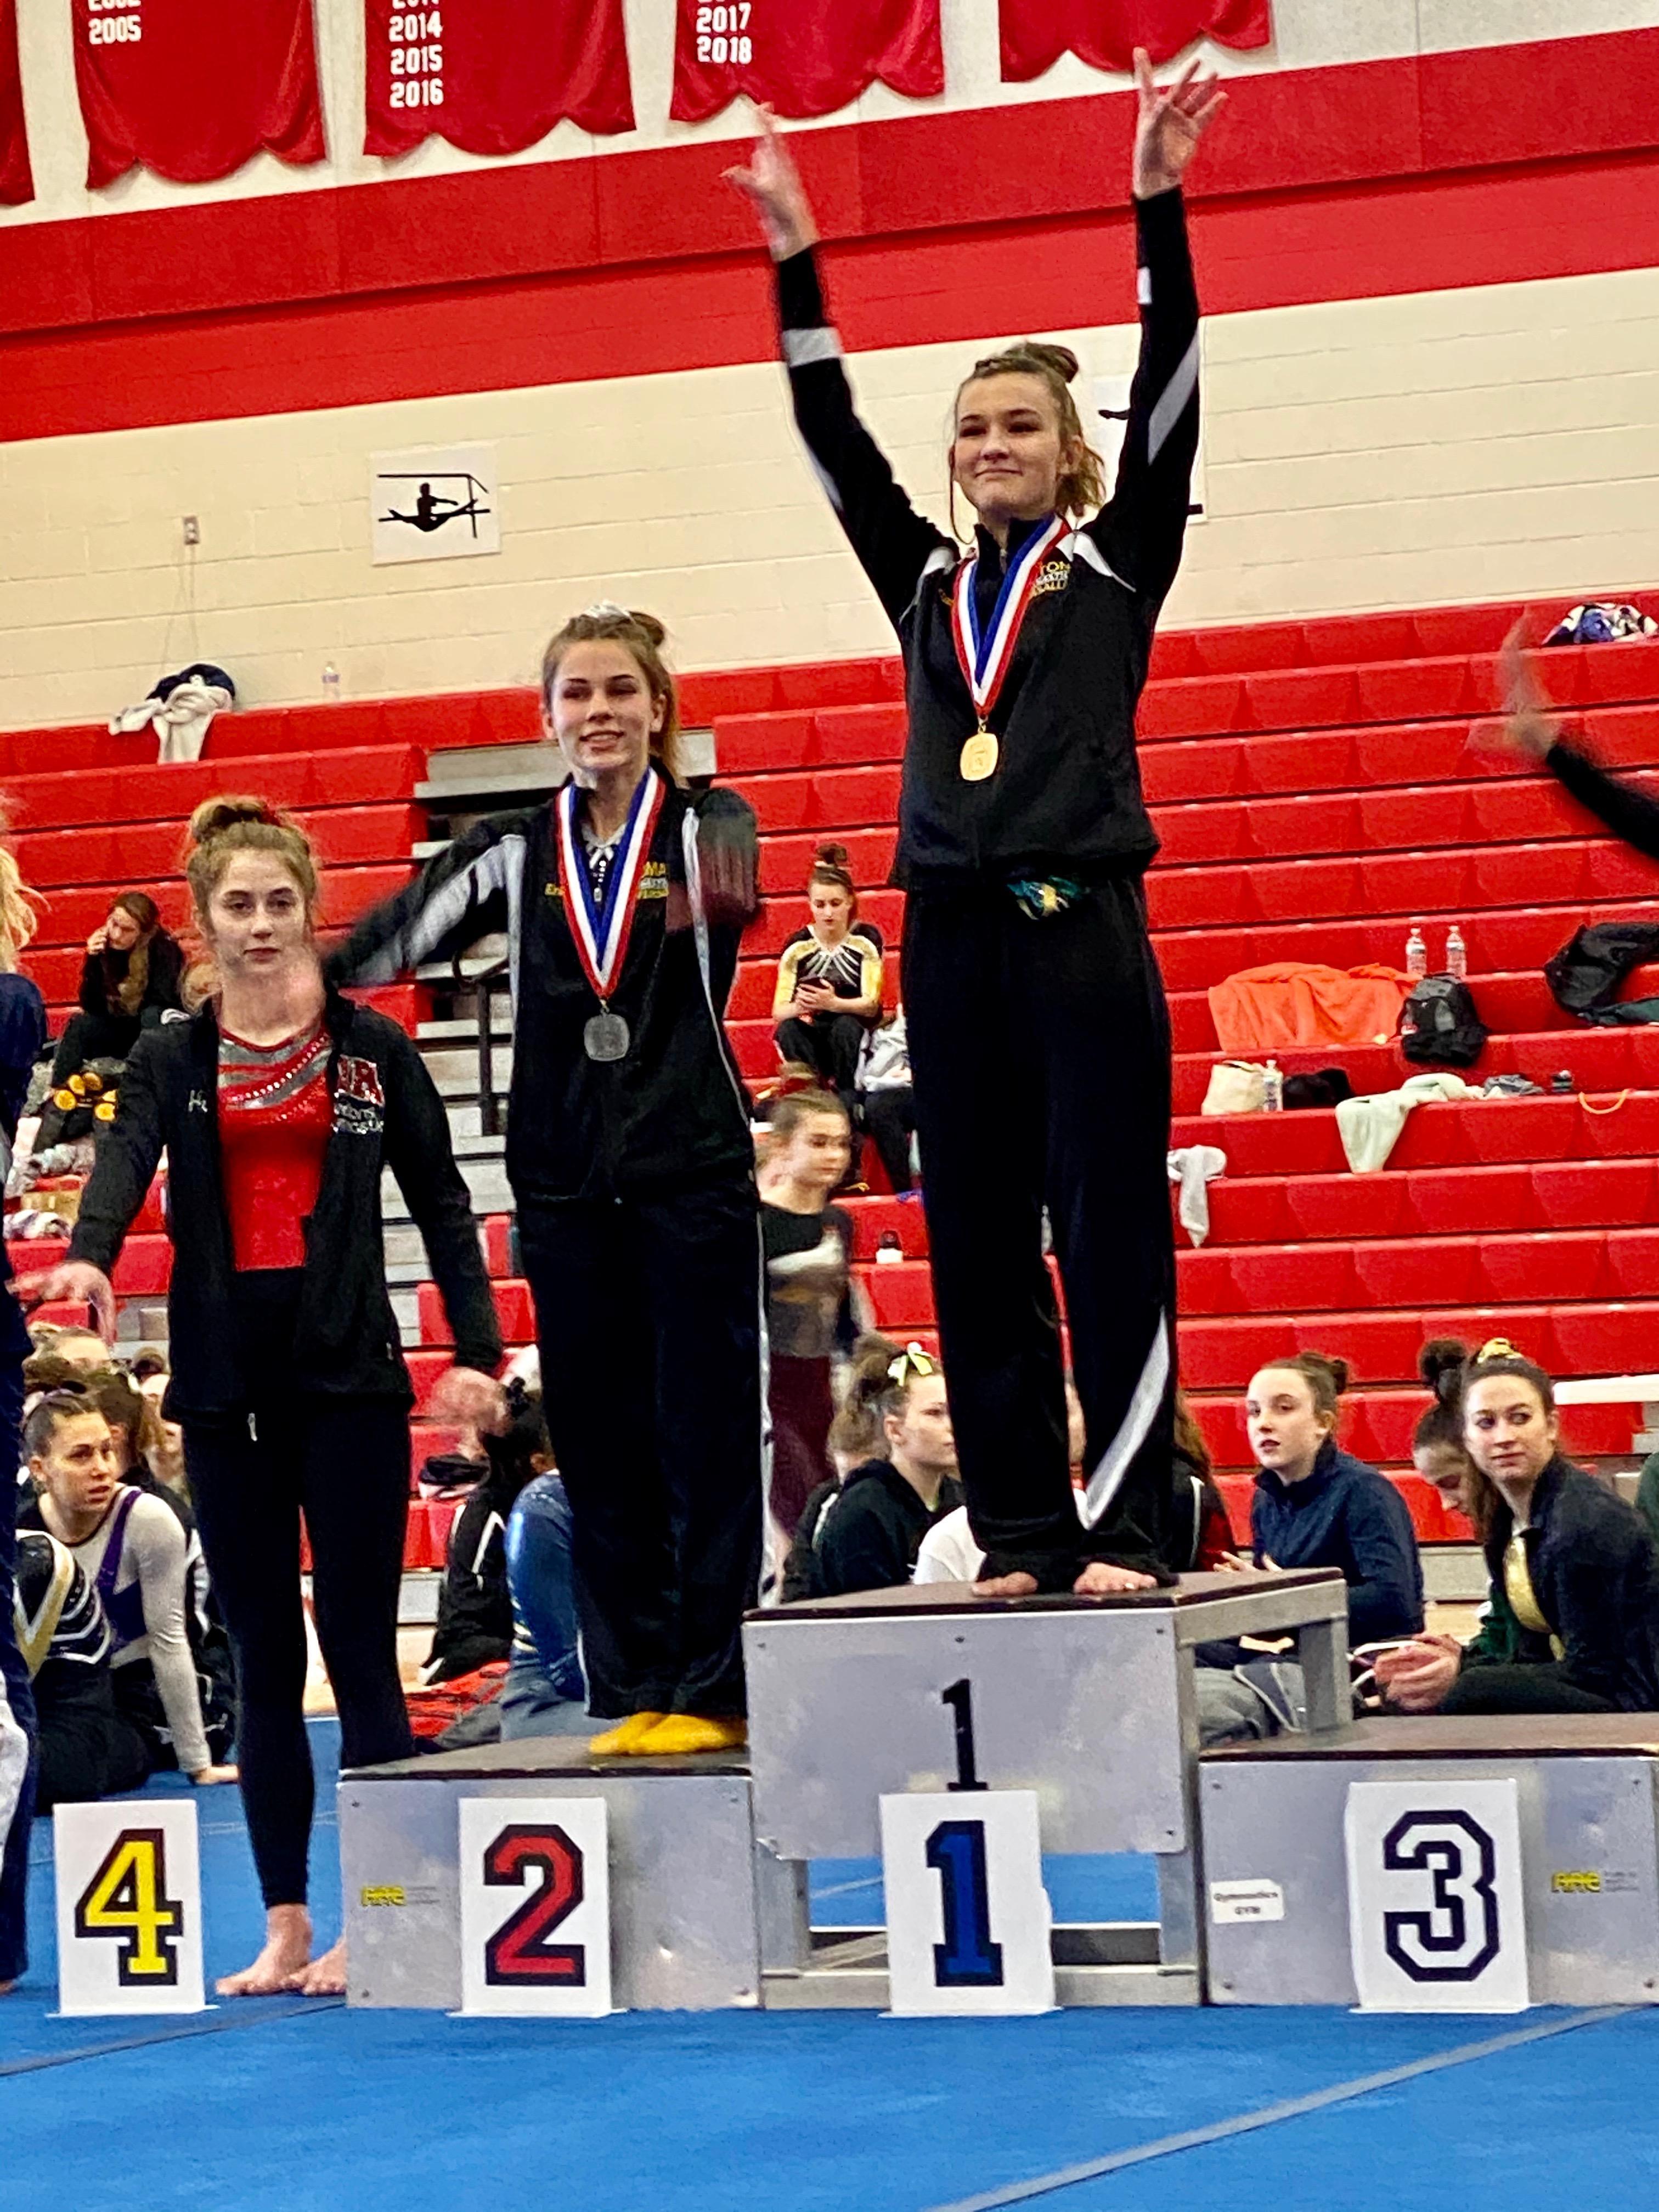 SLS student winning Gold Medal